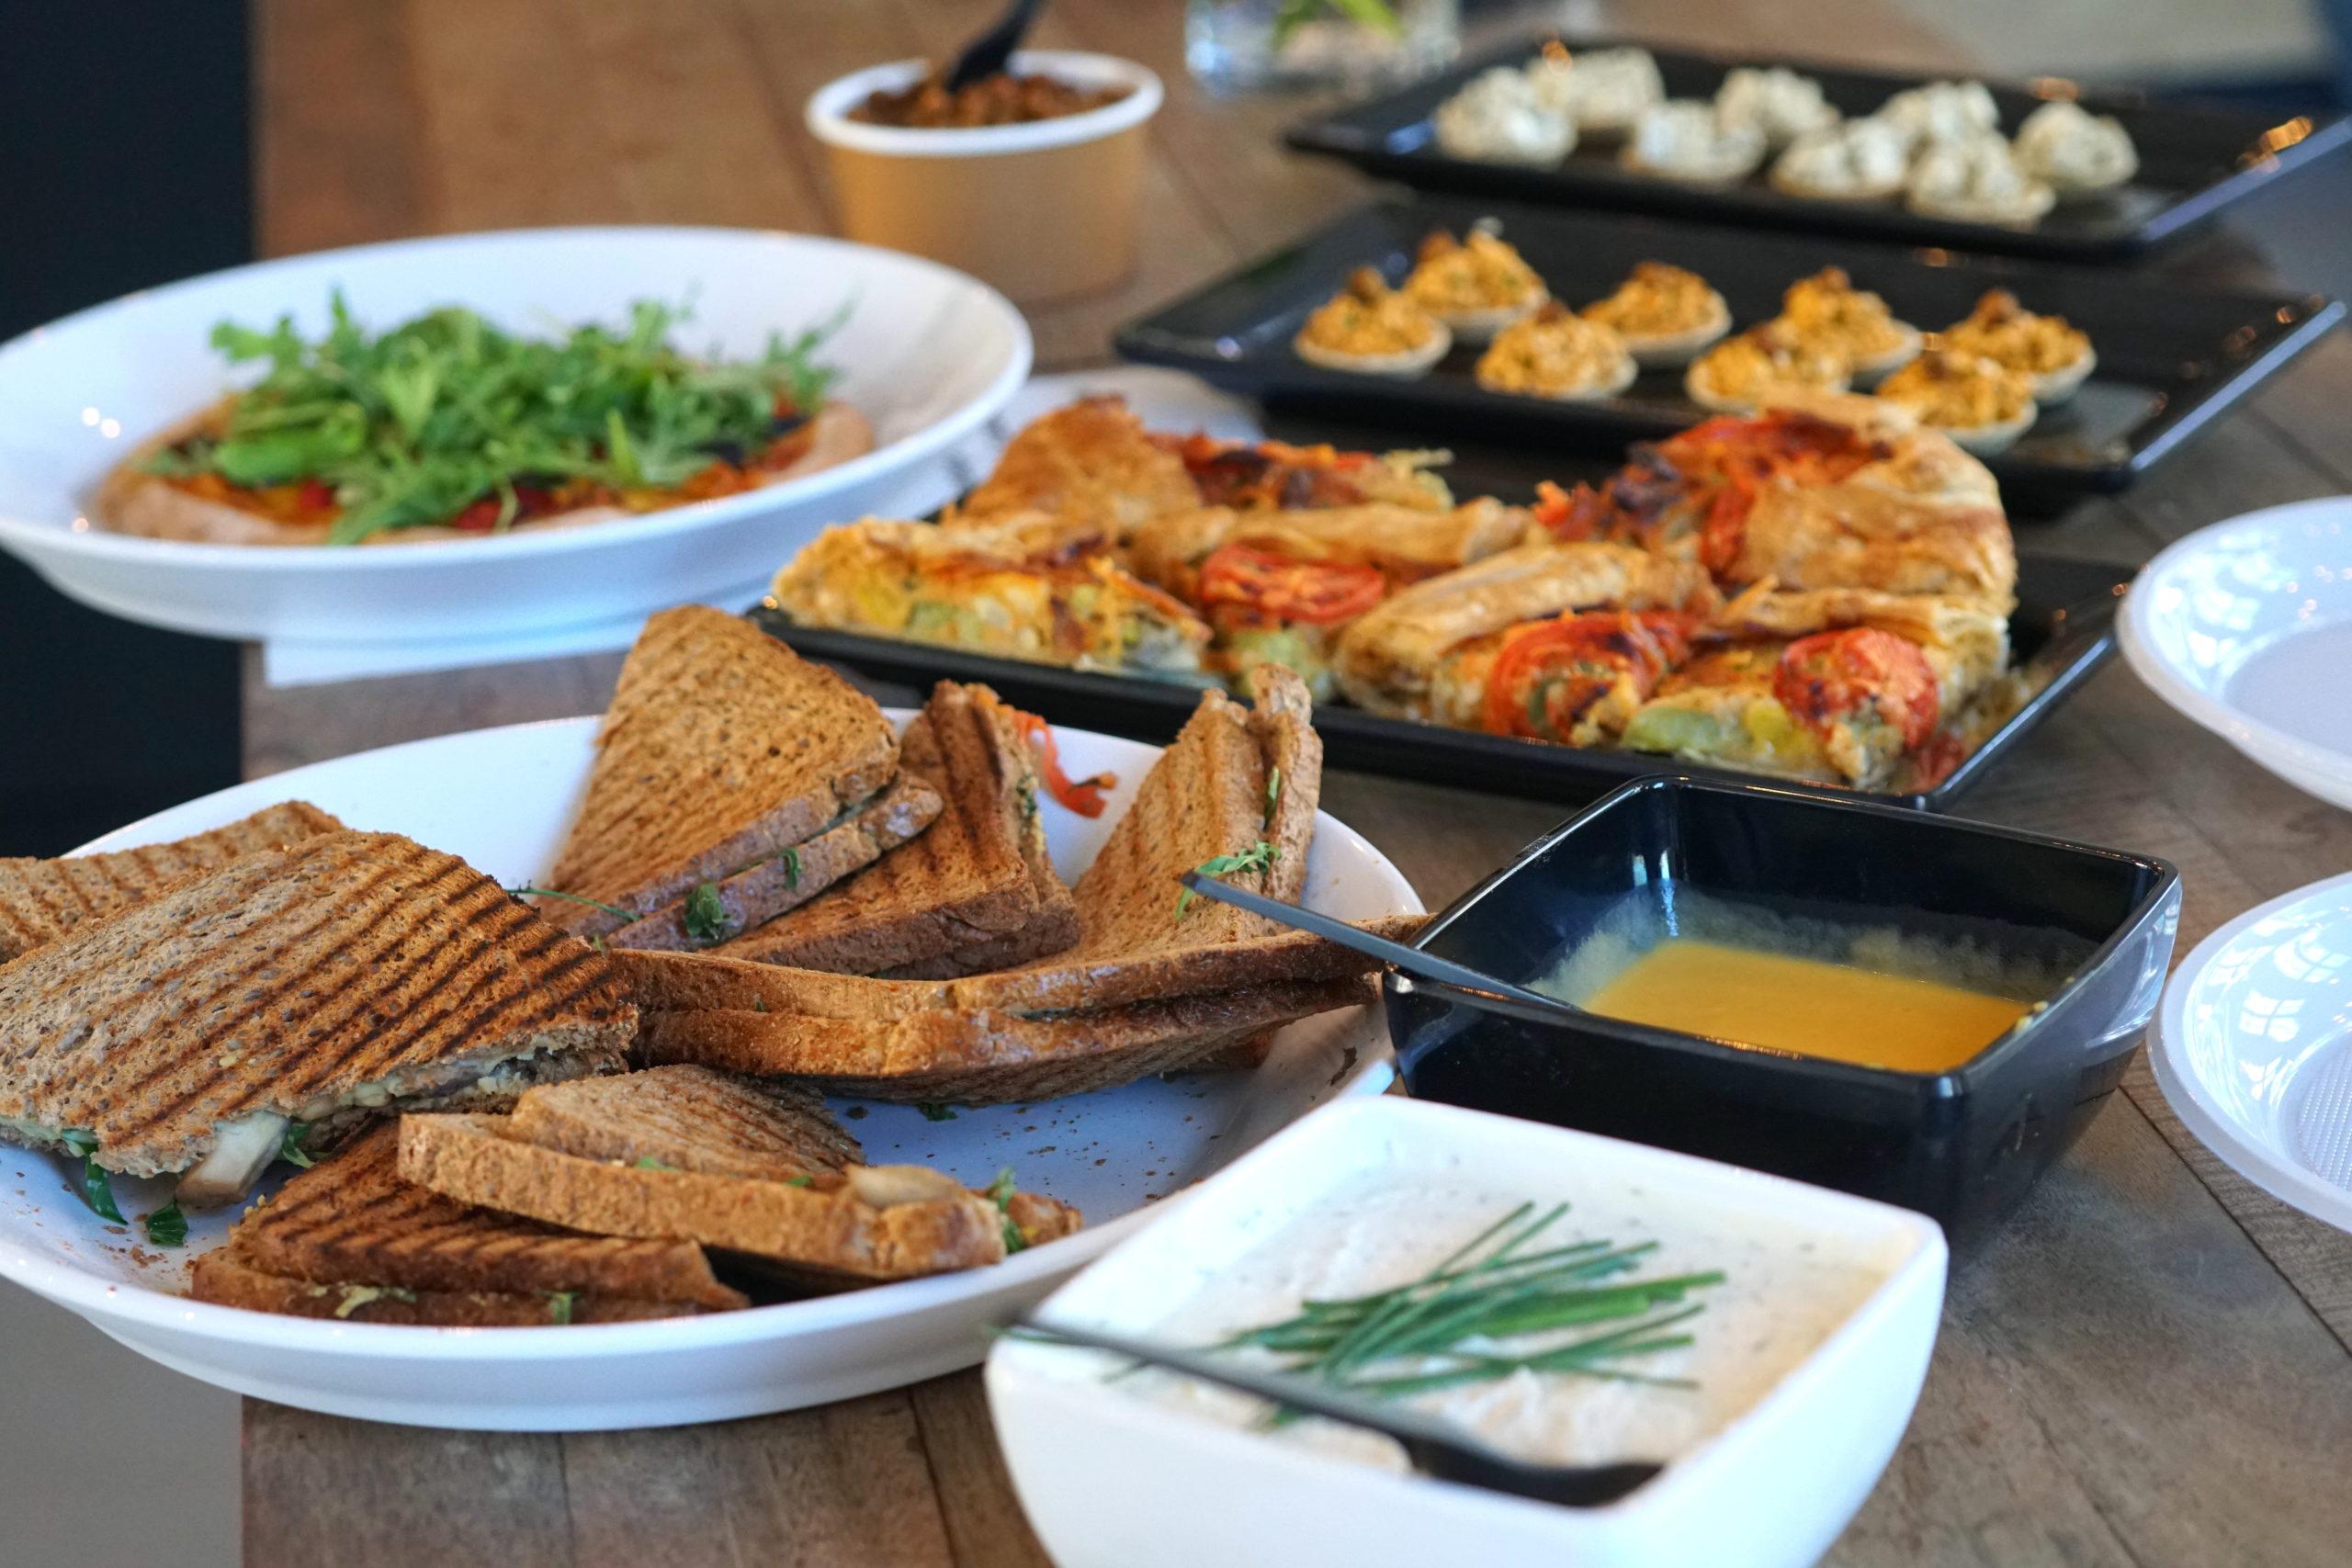 Vegan catering workshops